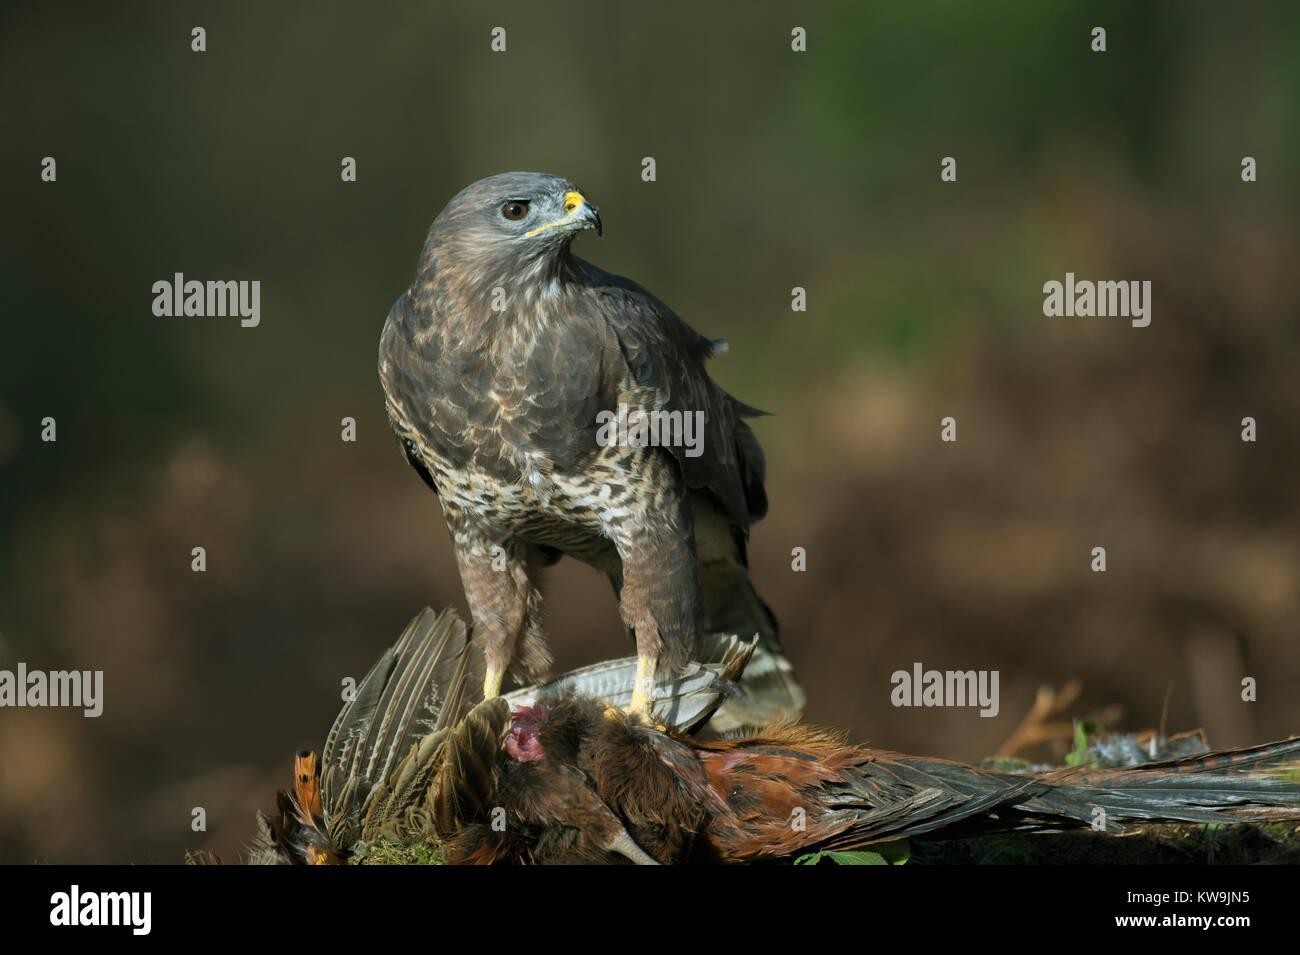 Buzzard on Pheasant - Stock Image